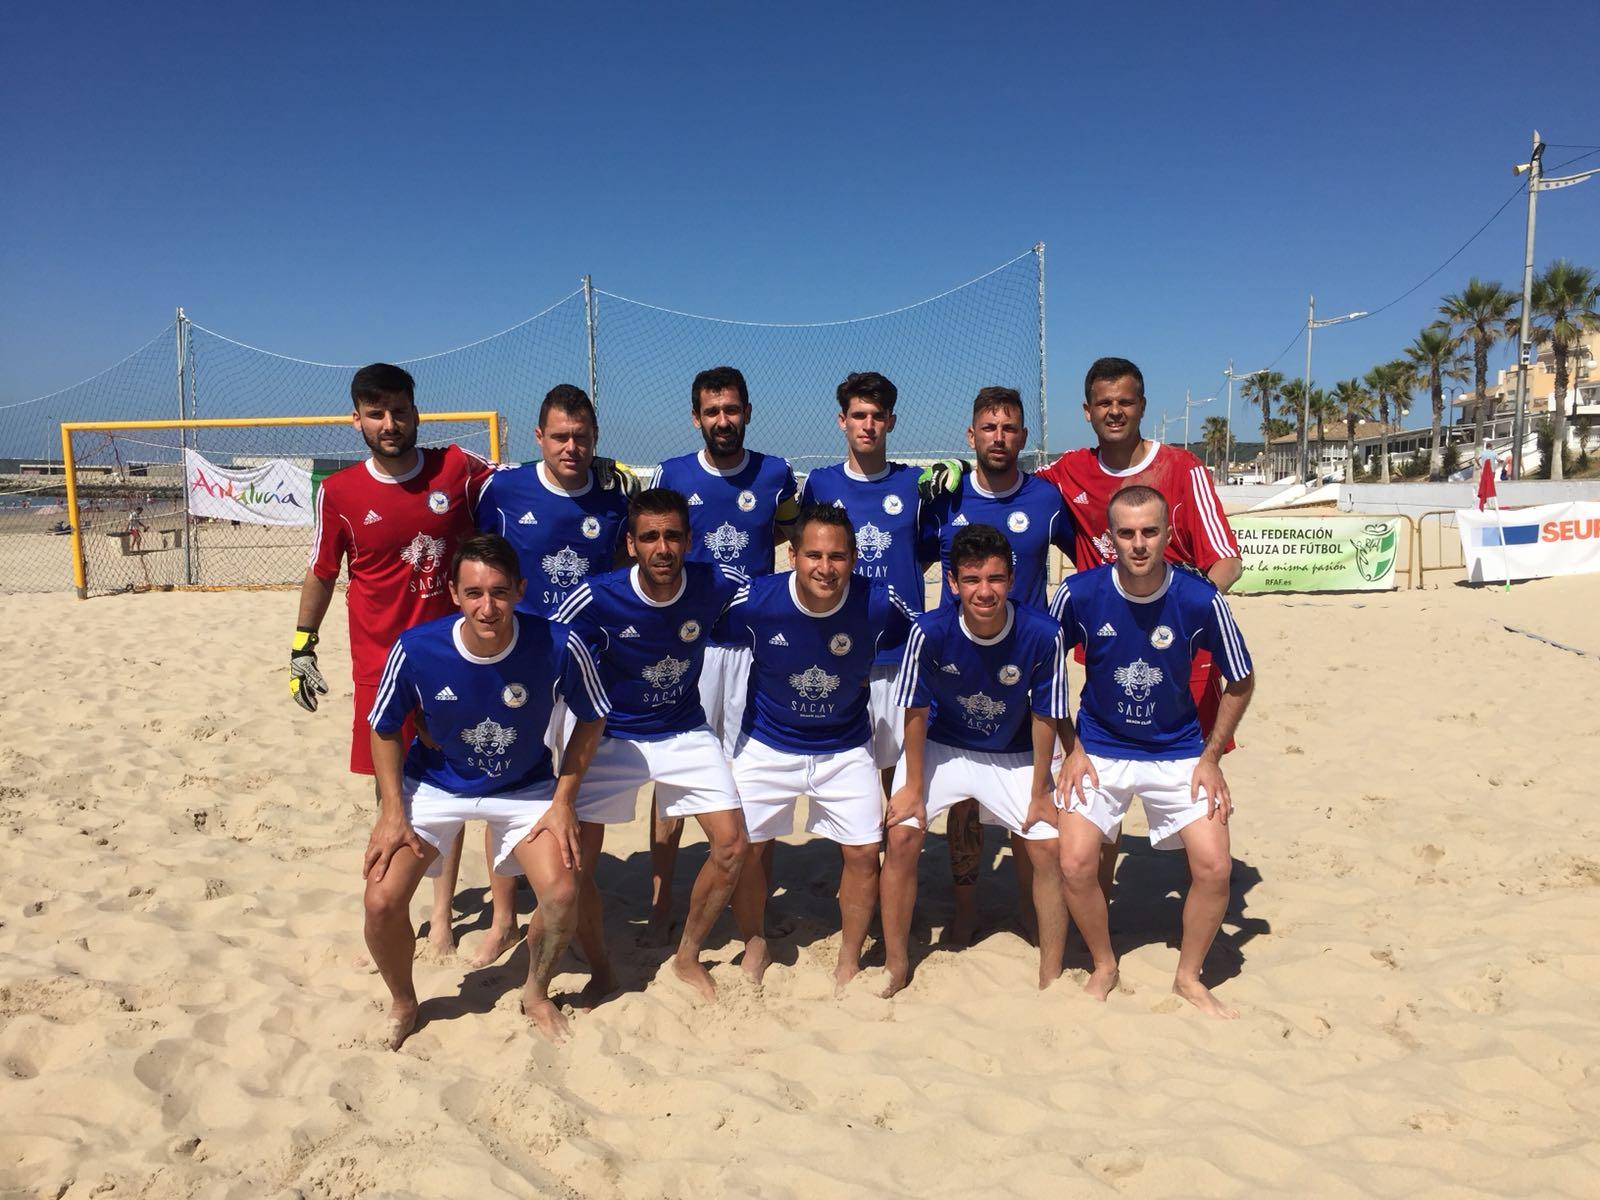 Vibrante encuentro del C.D. Fútbol Playa Marbella contra el Cádiz CF. Aluminios Sotelo